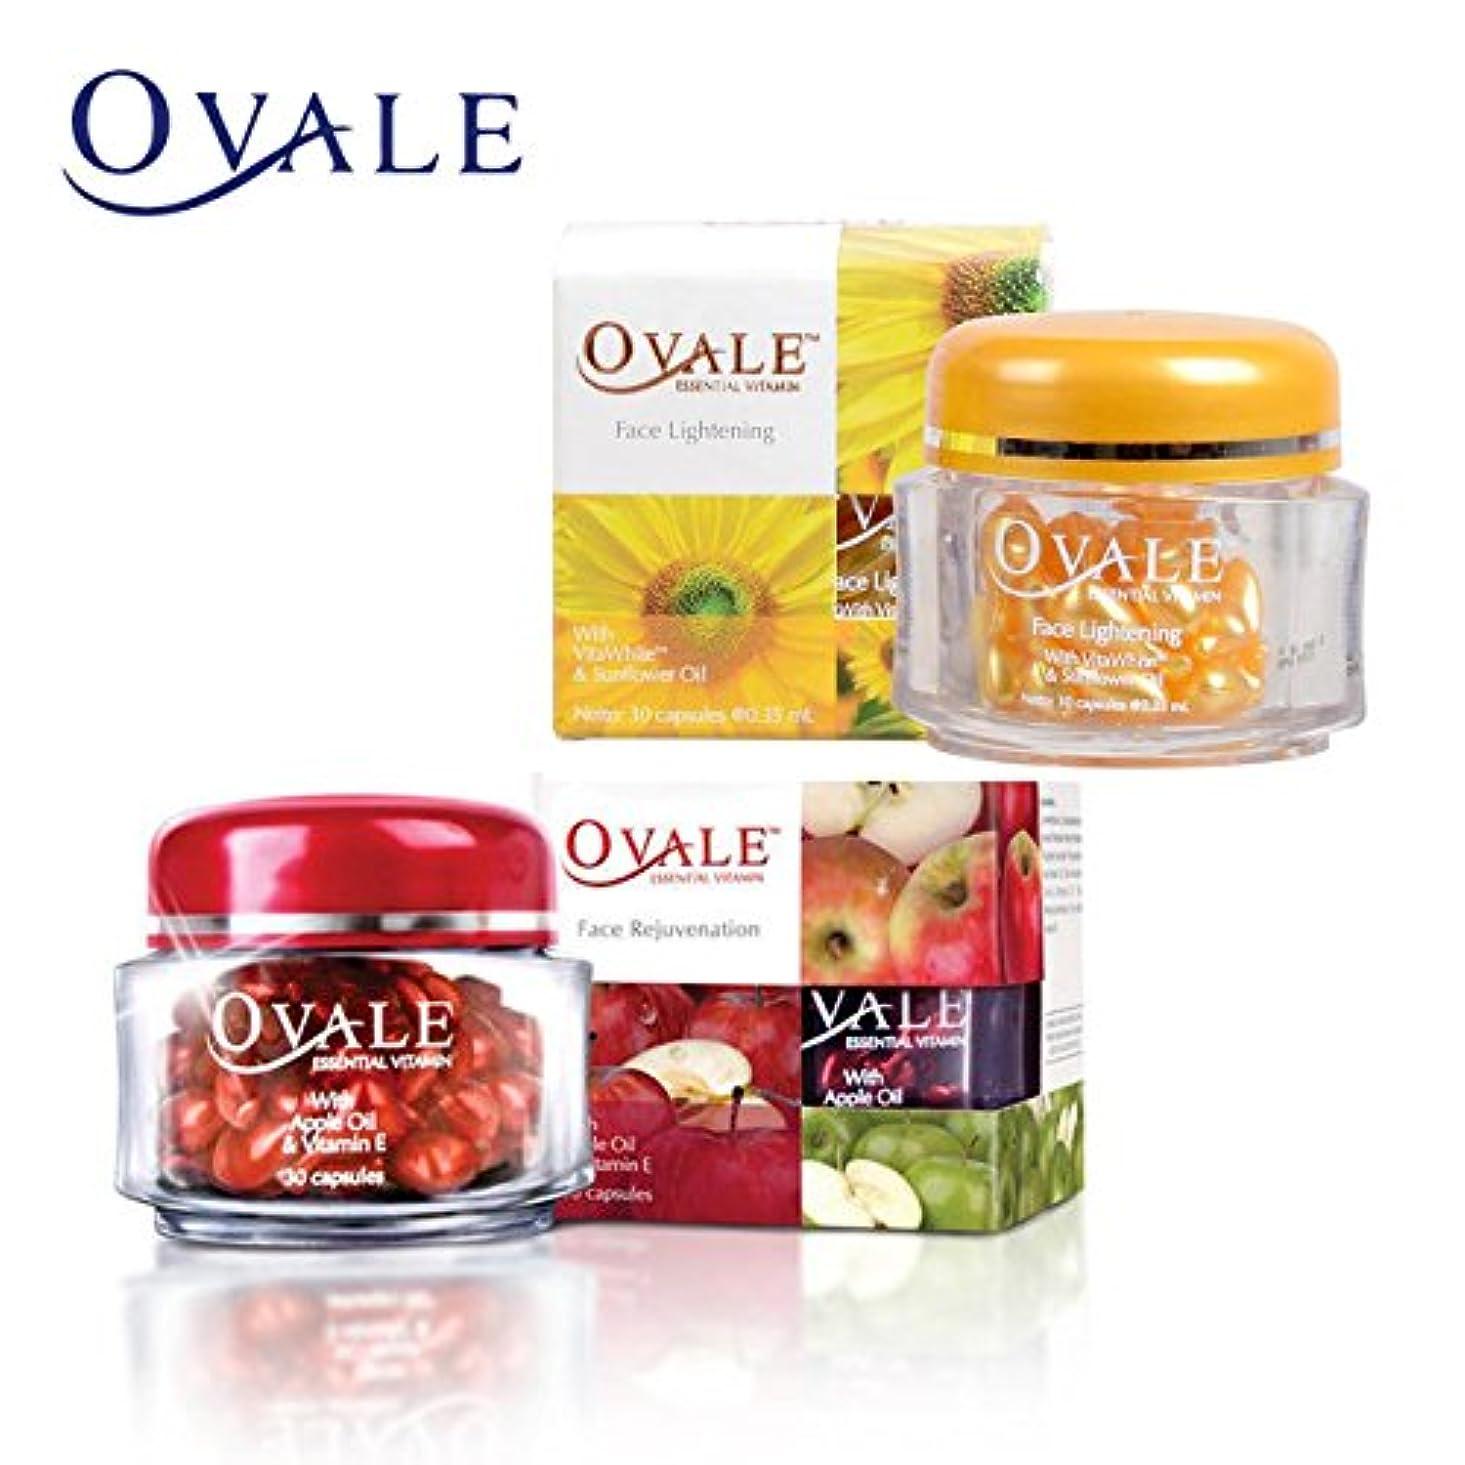 ライバル受け皿星Ovale オーバル フェイシャル美容液 essential vitamin エッセンシャルビタミン 30粒入ボトル×5個 サンフラワー [海外直送品]